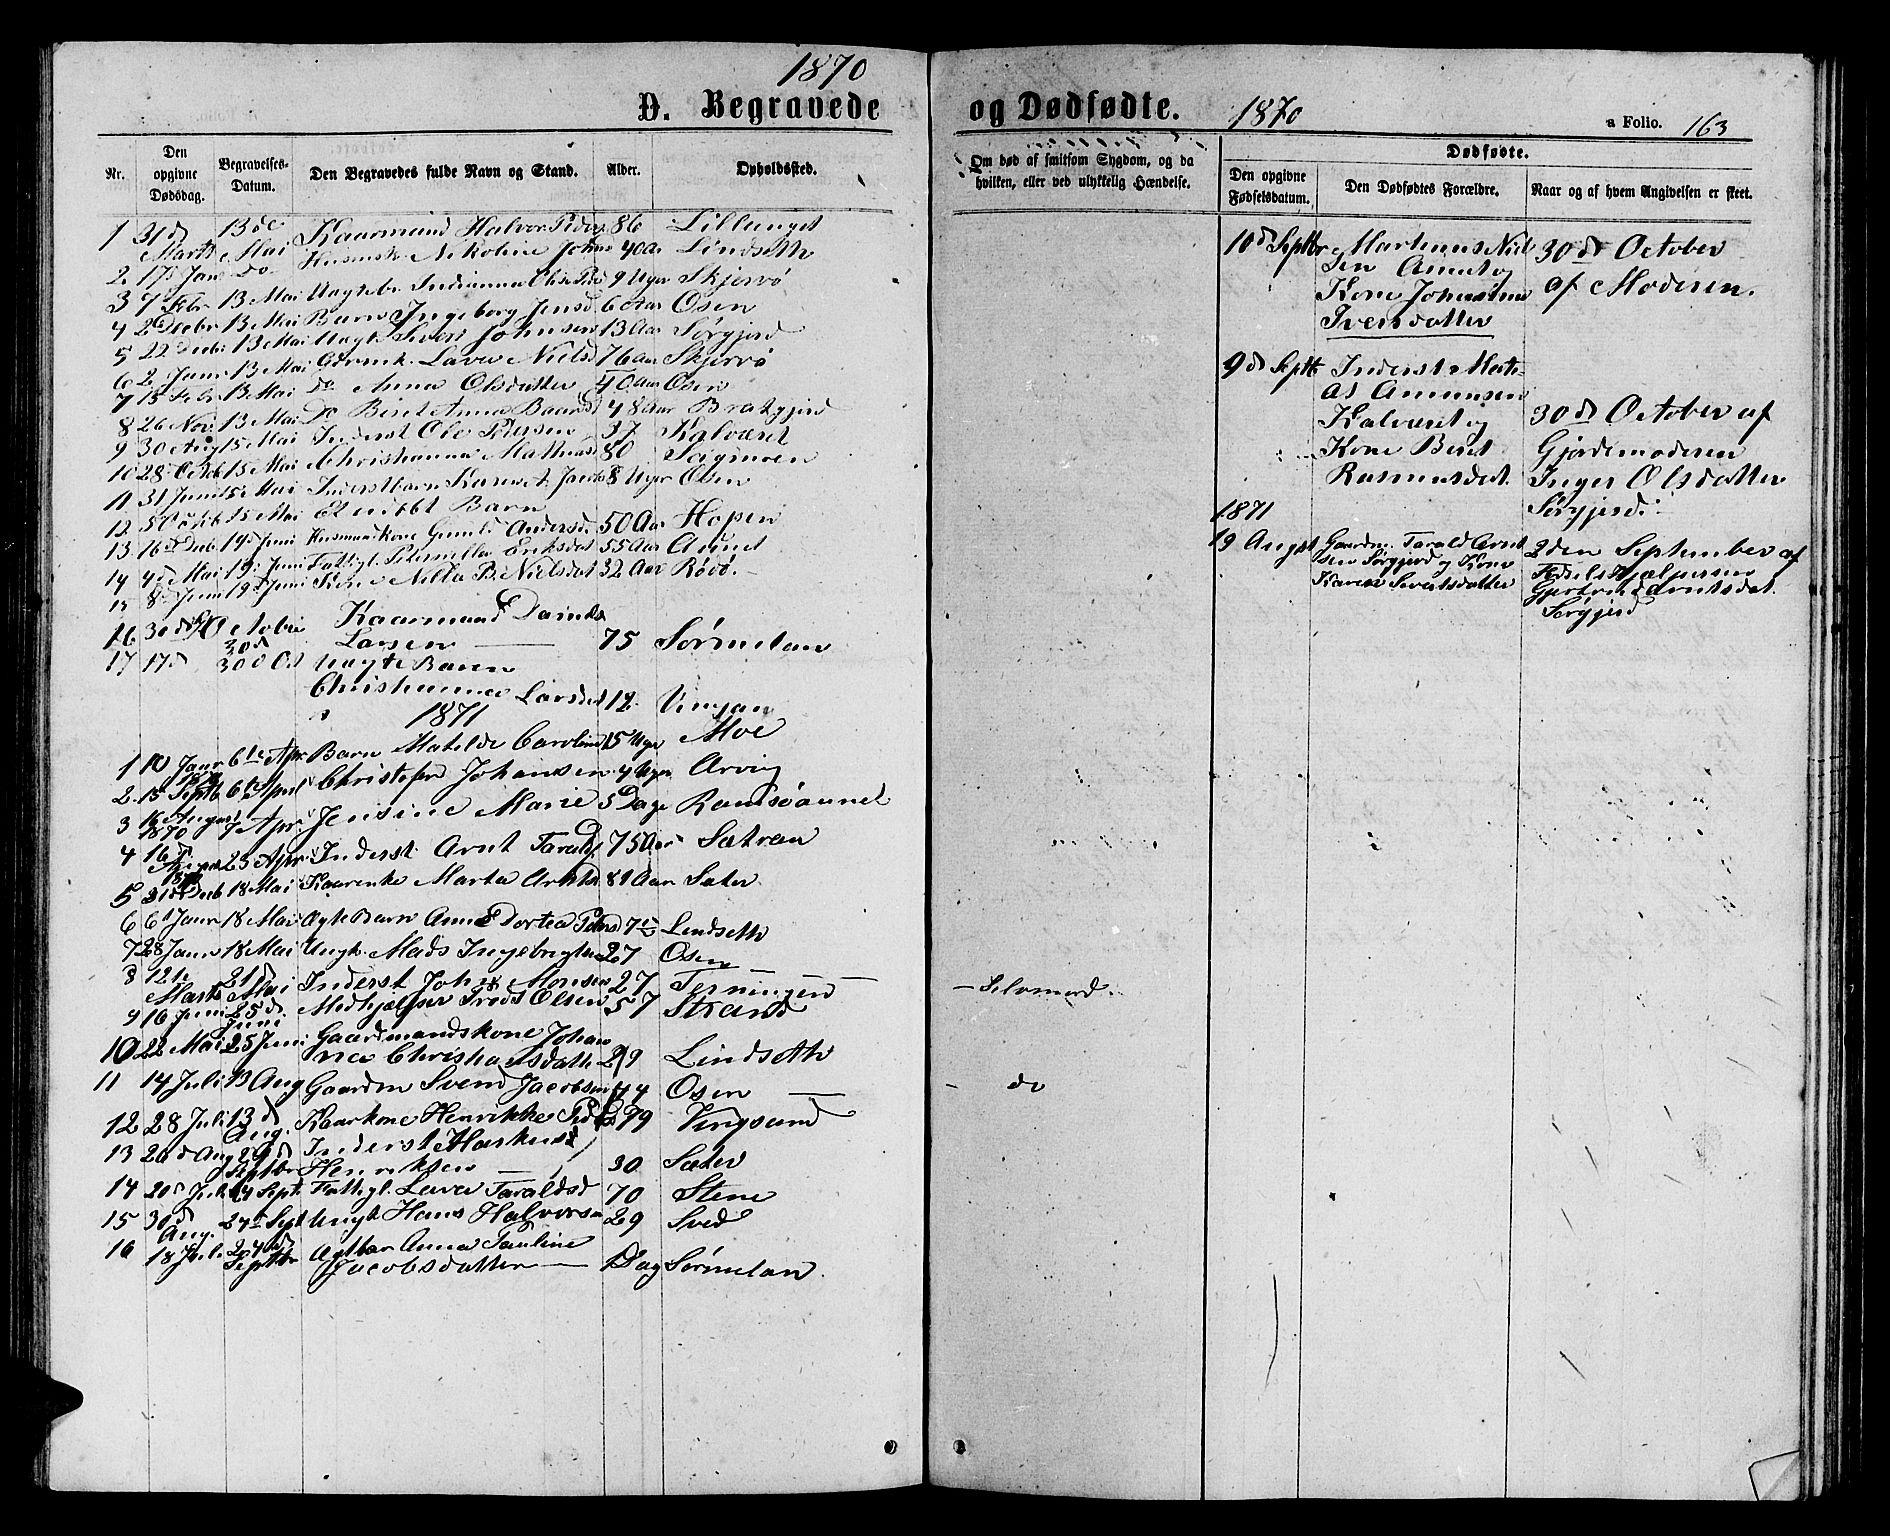 SAT, Ministerialprotokoller, klokkerbøker og fødselsregistre - Sør-Trøndelag, 658/L0725: Klokkerbok nr. 658C01, 1867-1882, s. 163